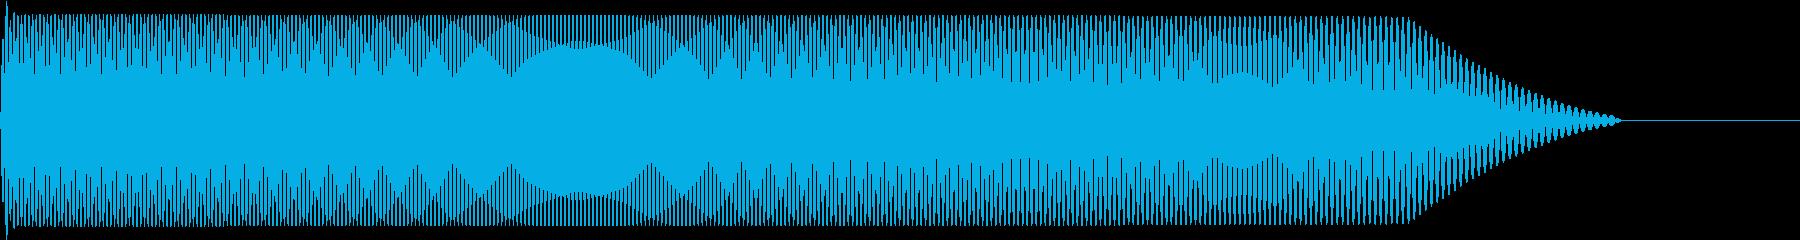 メタルコアベースドロップ G1→G0の再生済みの波形